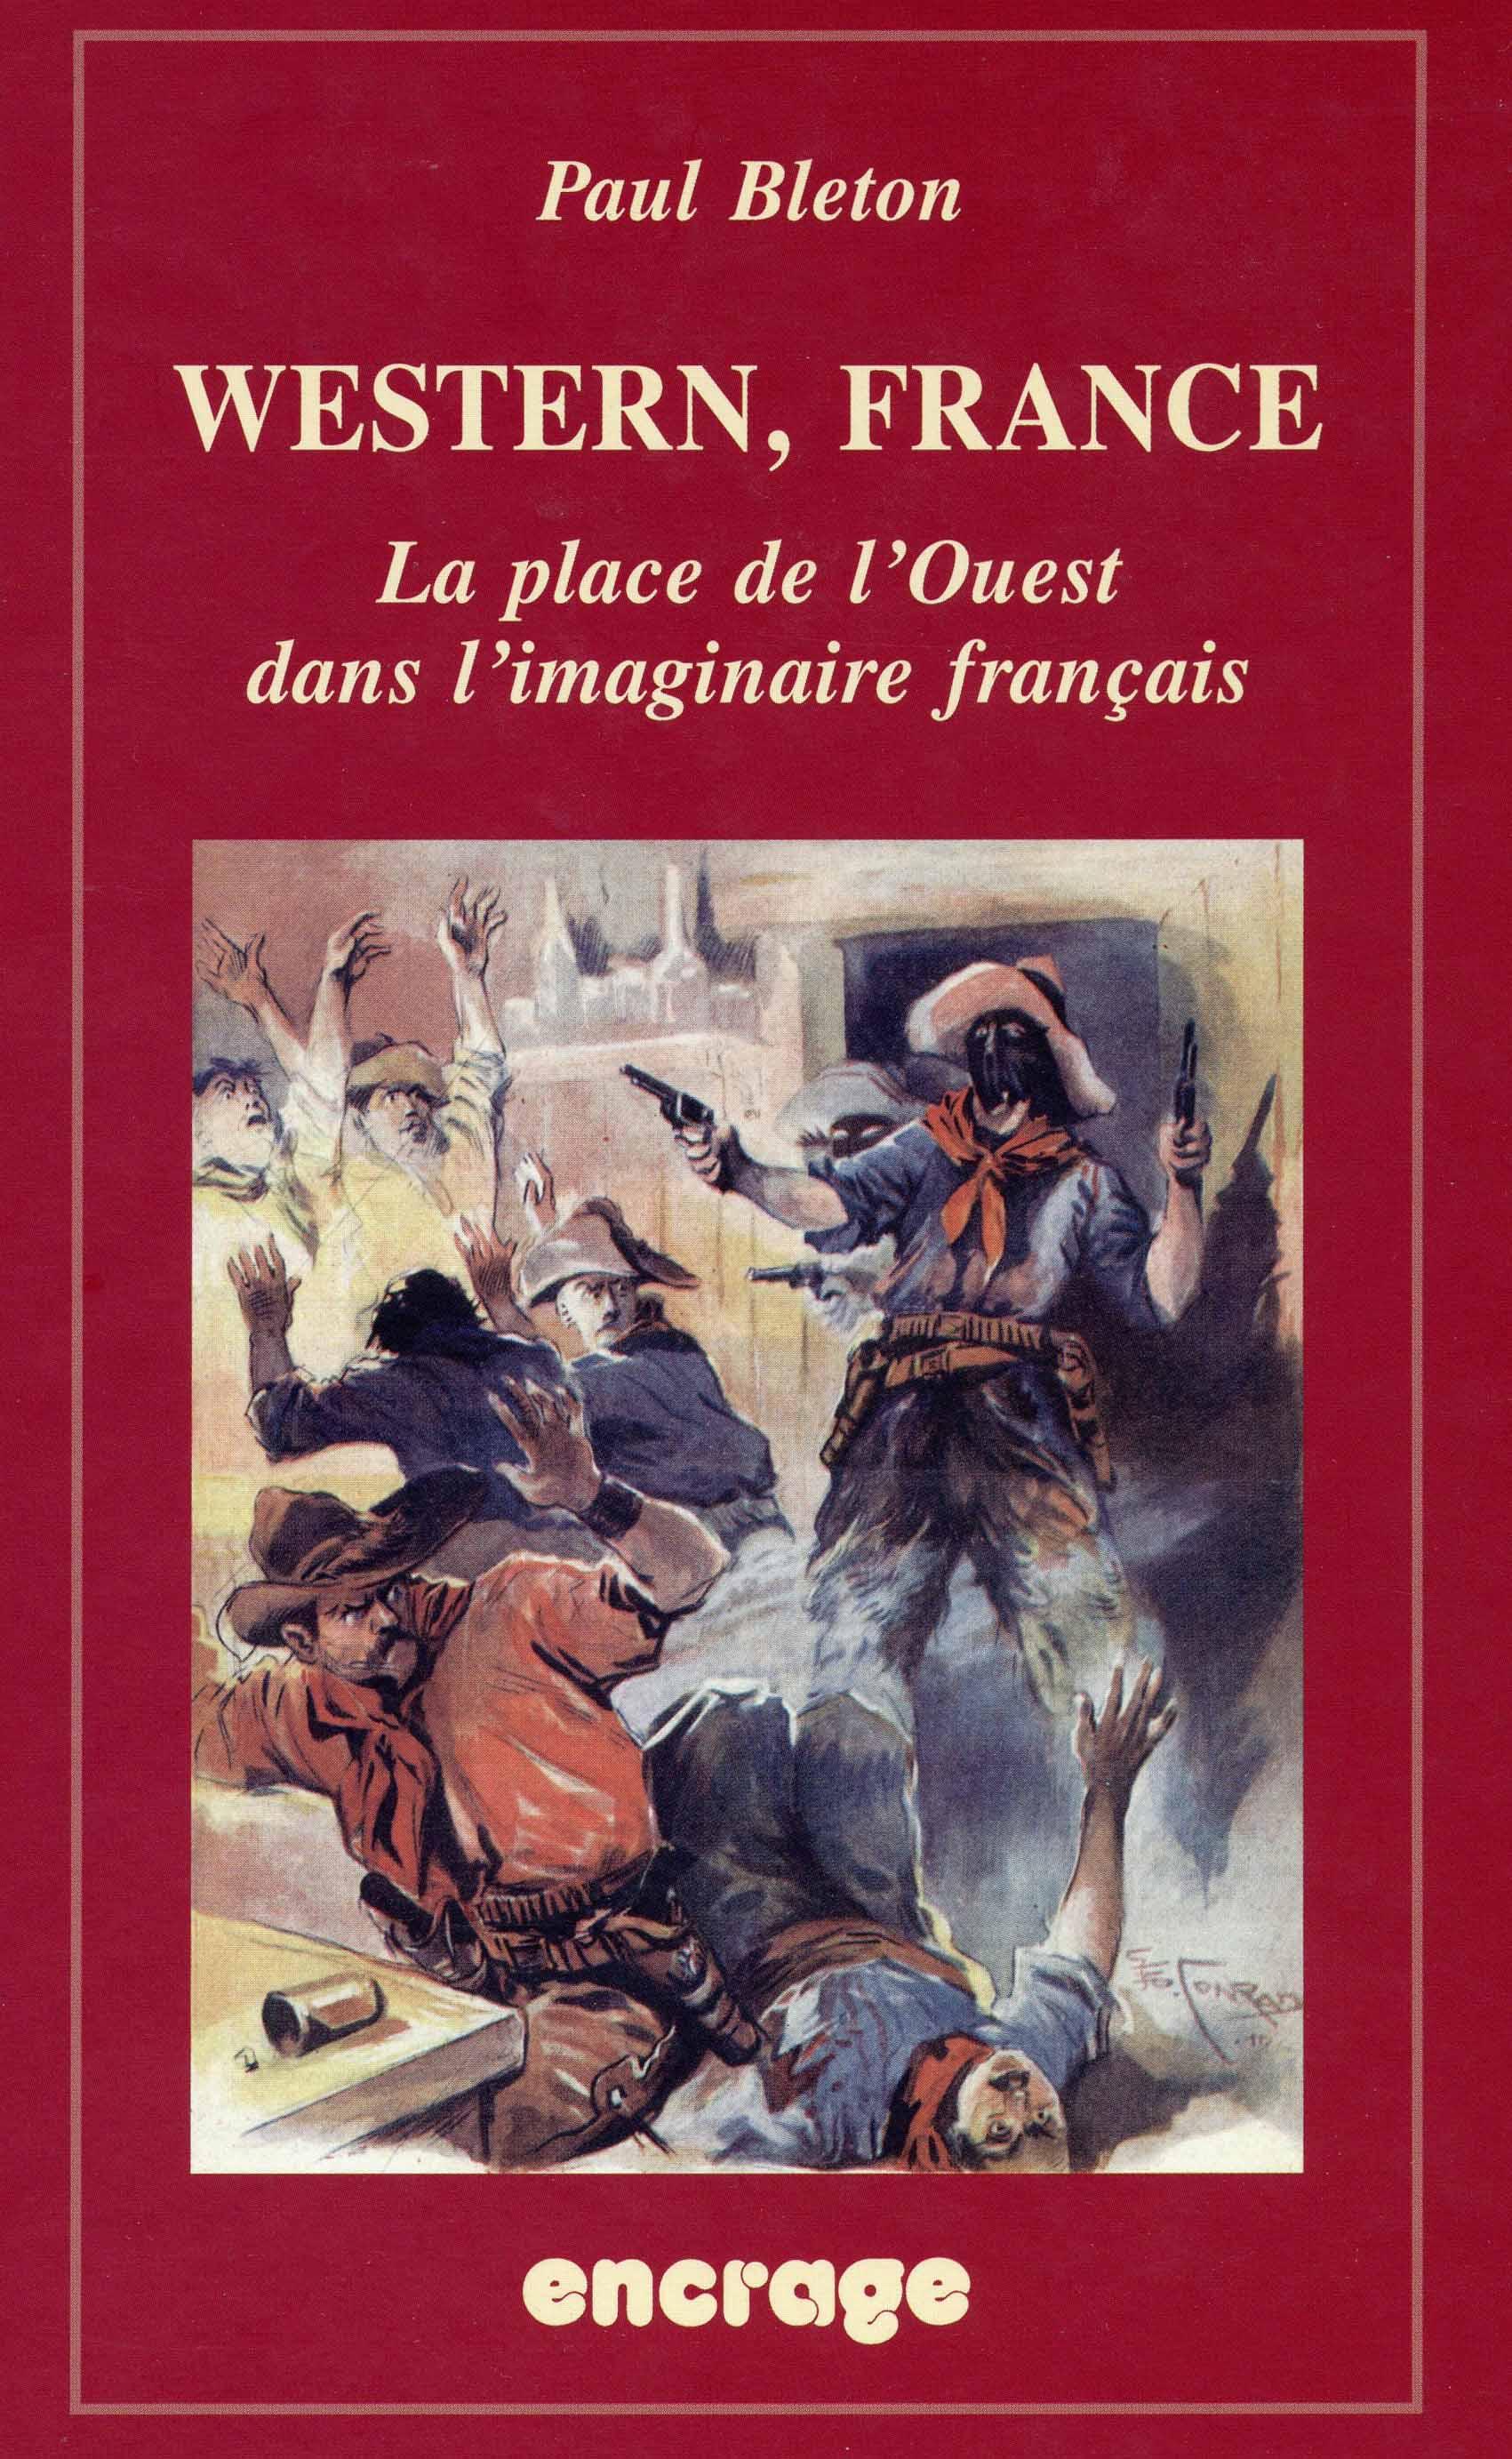 Western, France | La place de l'Ouest dans l'imaginaire français